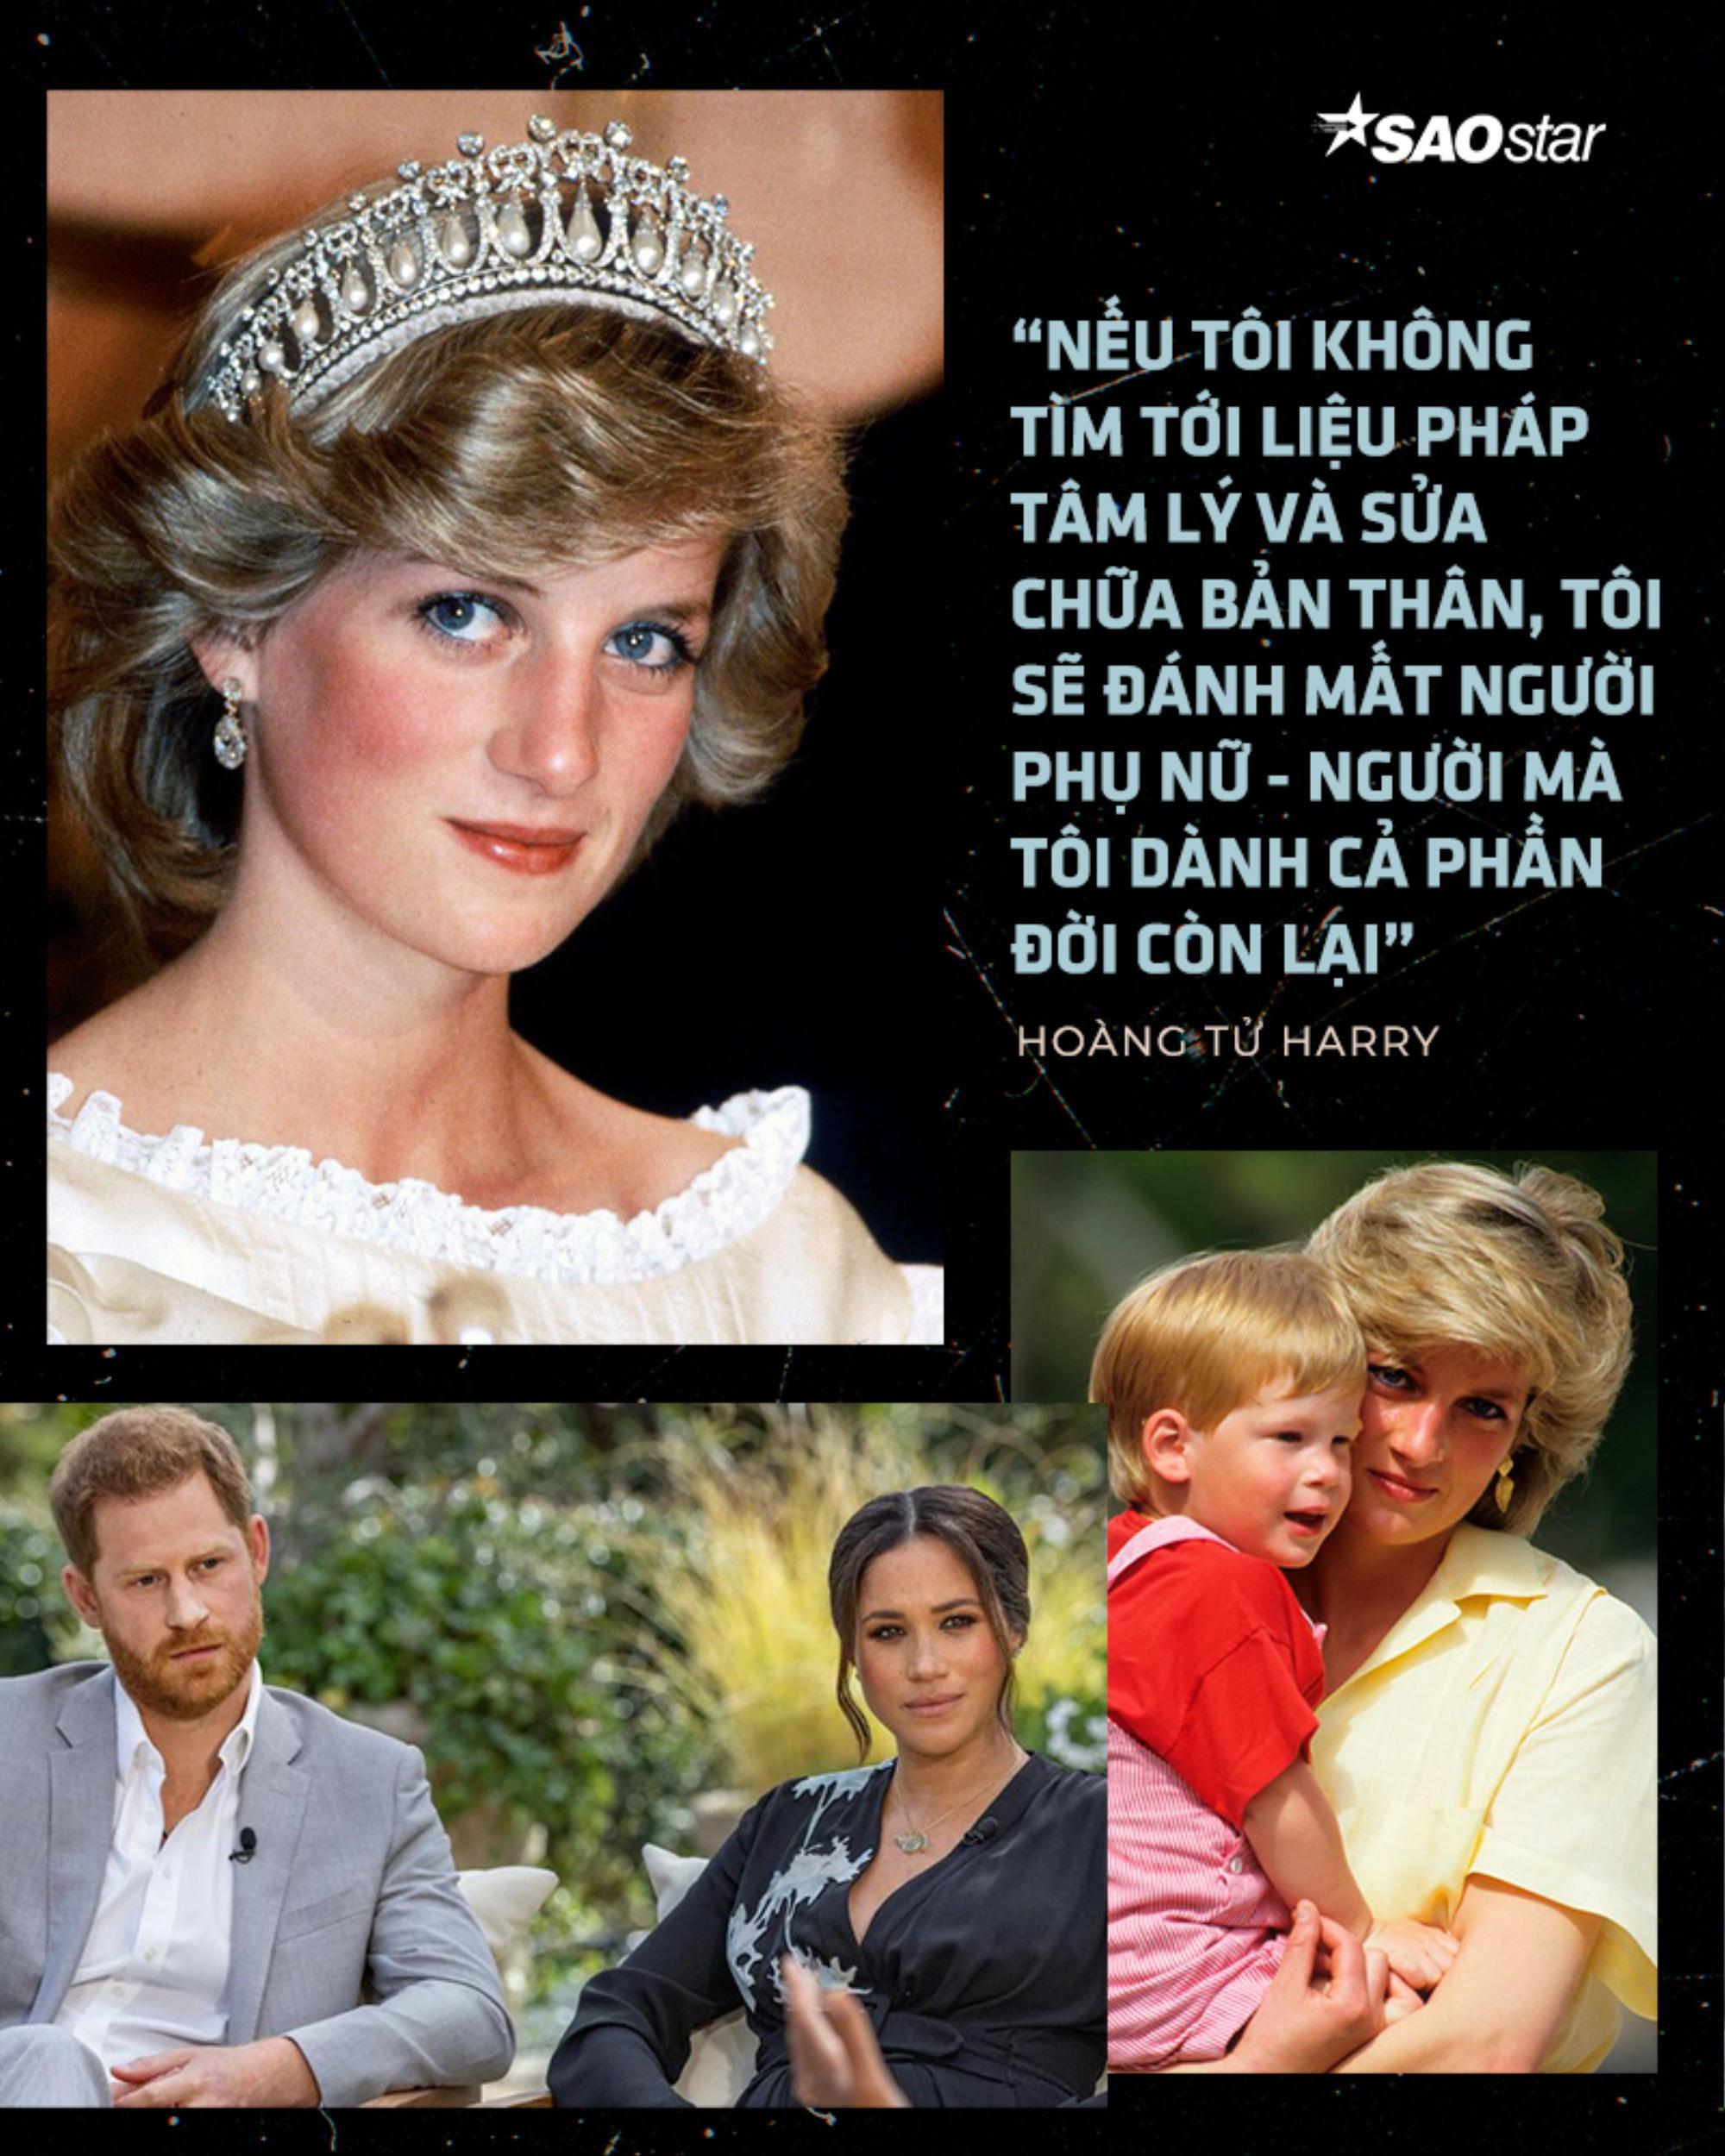 Vết thương lòng của Harry - chàng hoàng tử nổi loạn luôn tìm cách 'vùng vẫy' khỏi hoàng gia Ảnh 4